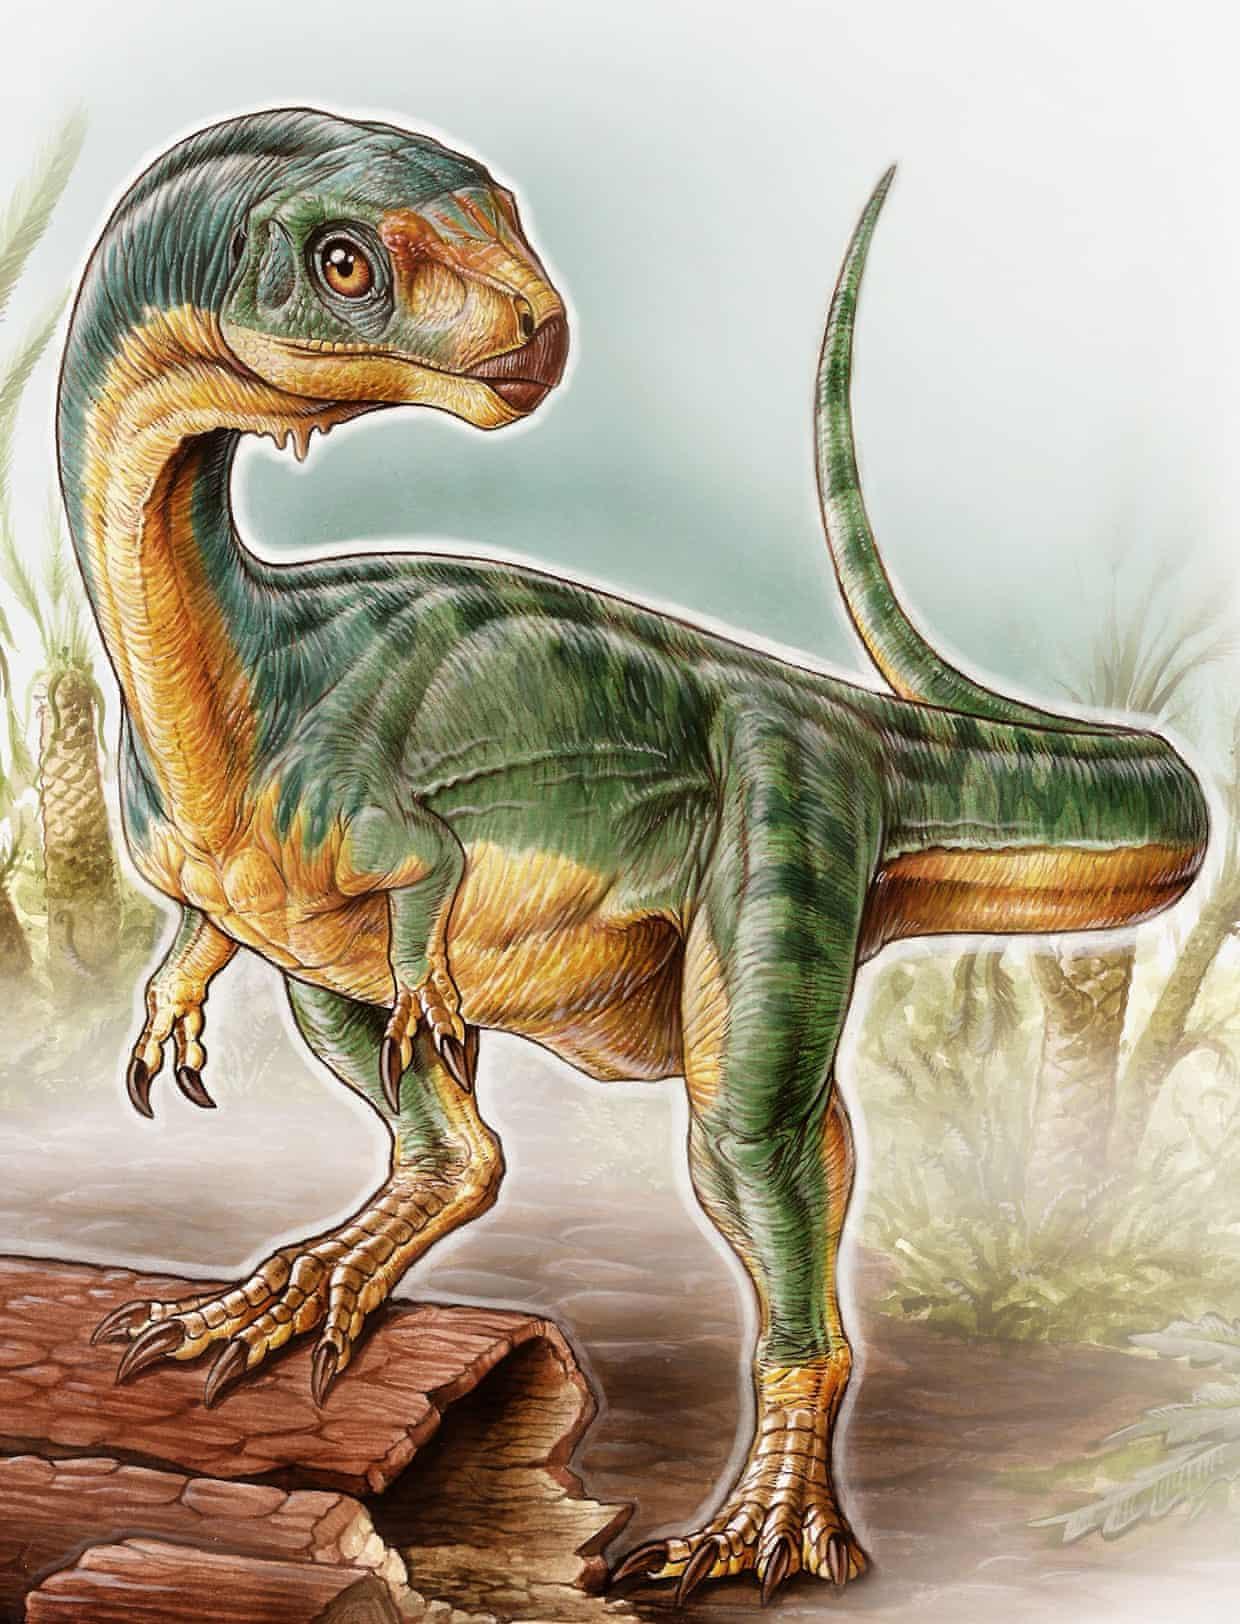 Most bizarre dinosaur ever found